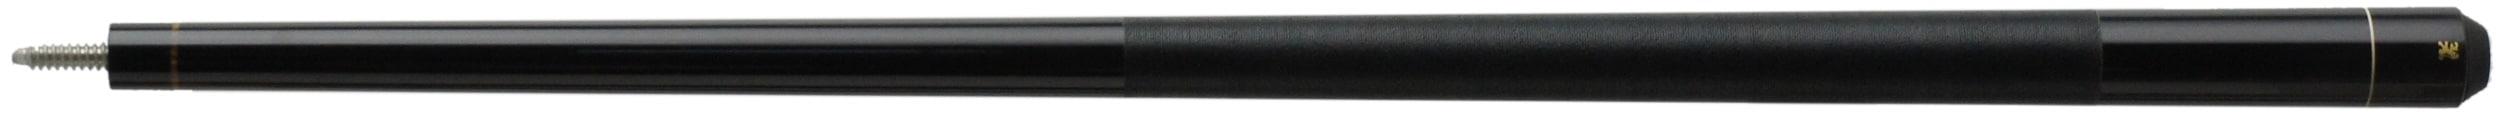 アダム キュー dn-1 (ハードメープルシャフト装備/adam) 商品画像